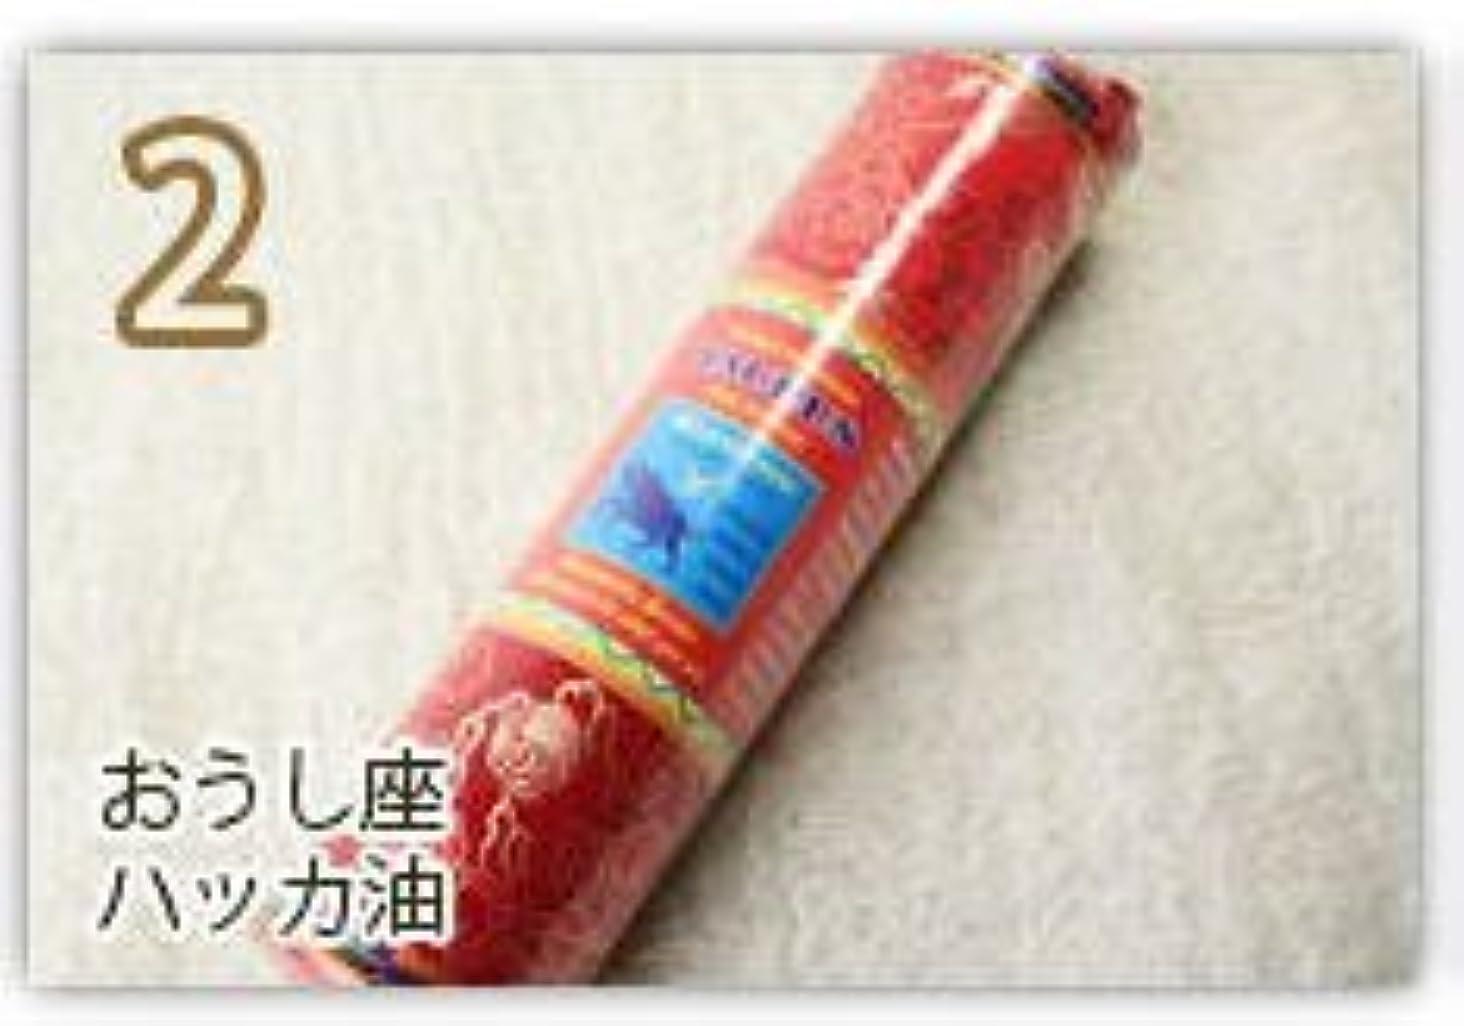 菊スキャンダルたくさん12星座別に香りを配合したネパール製お香 ホロスコープインセンス (2.Taurus (おうし座))